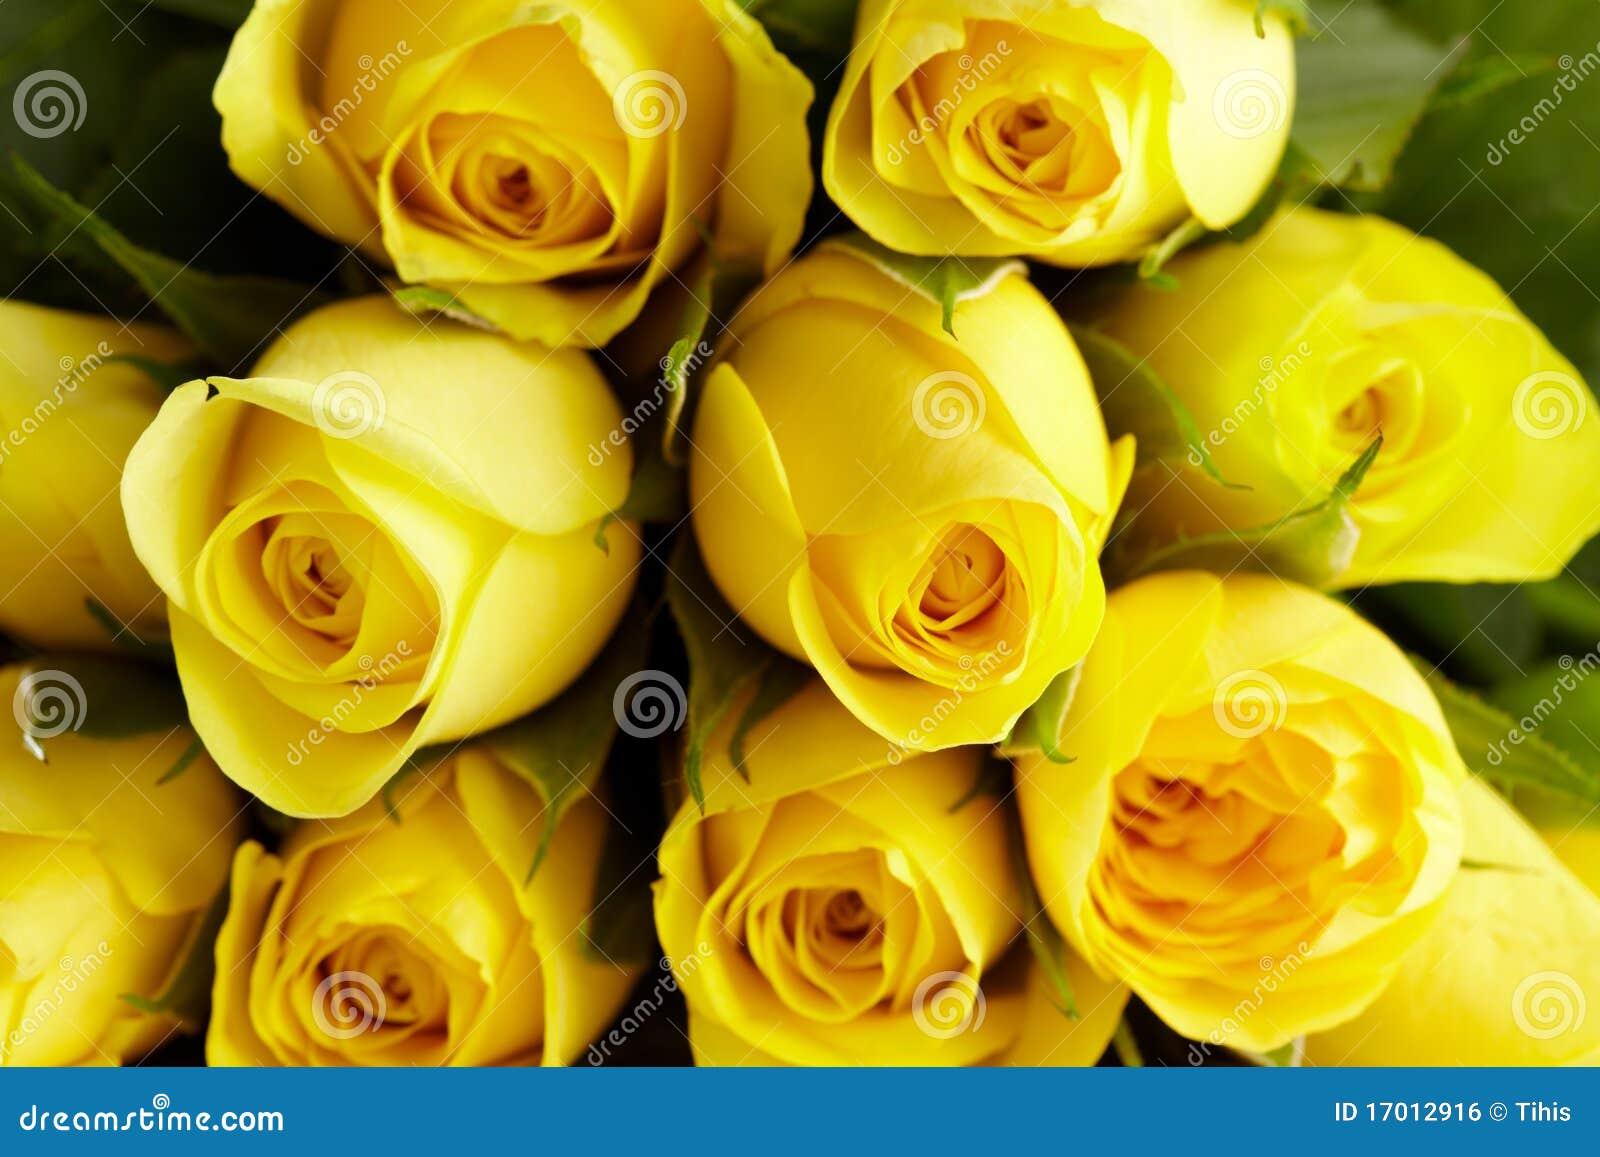 jardim rosas amarelas : jardim rosas amarelas:rosas-amarelas-no-detalhe-17012916.jpg